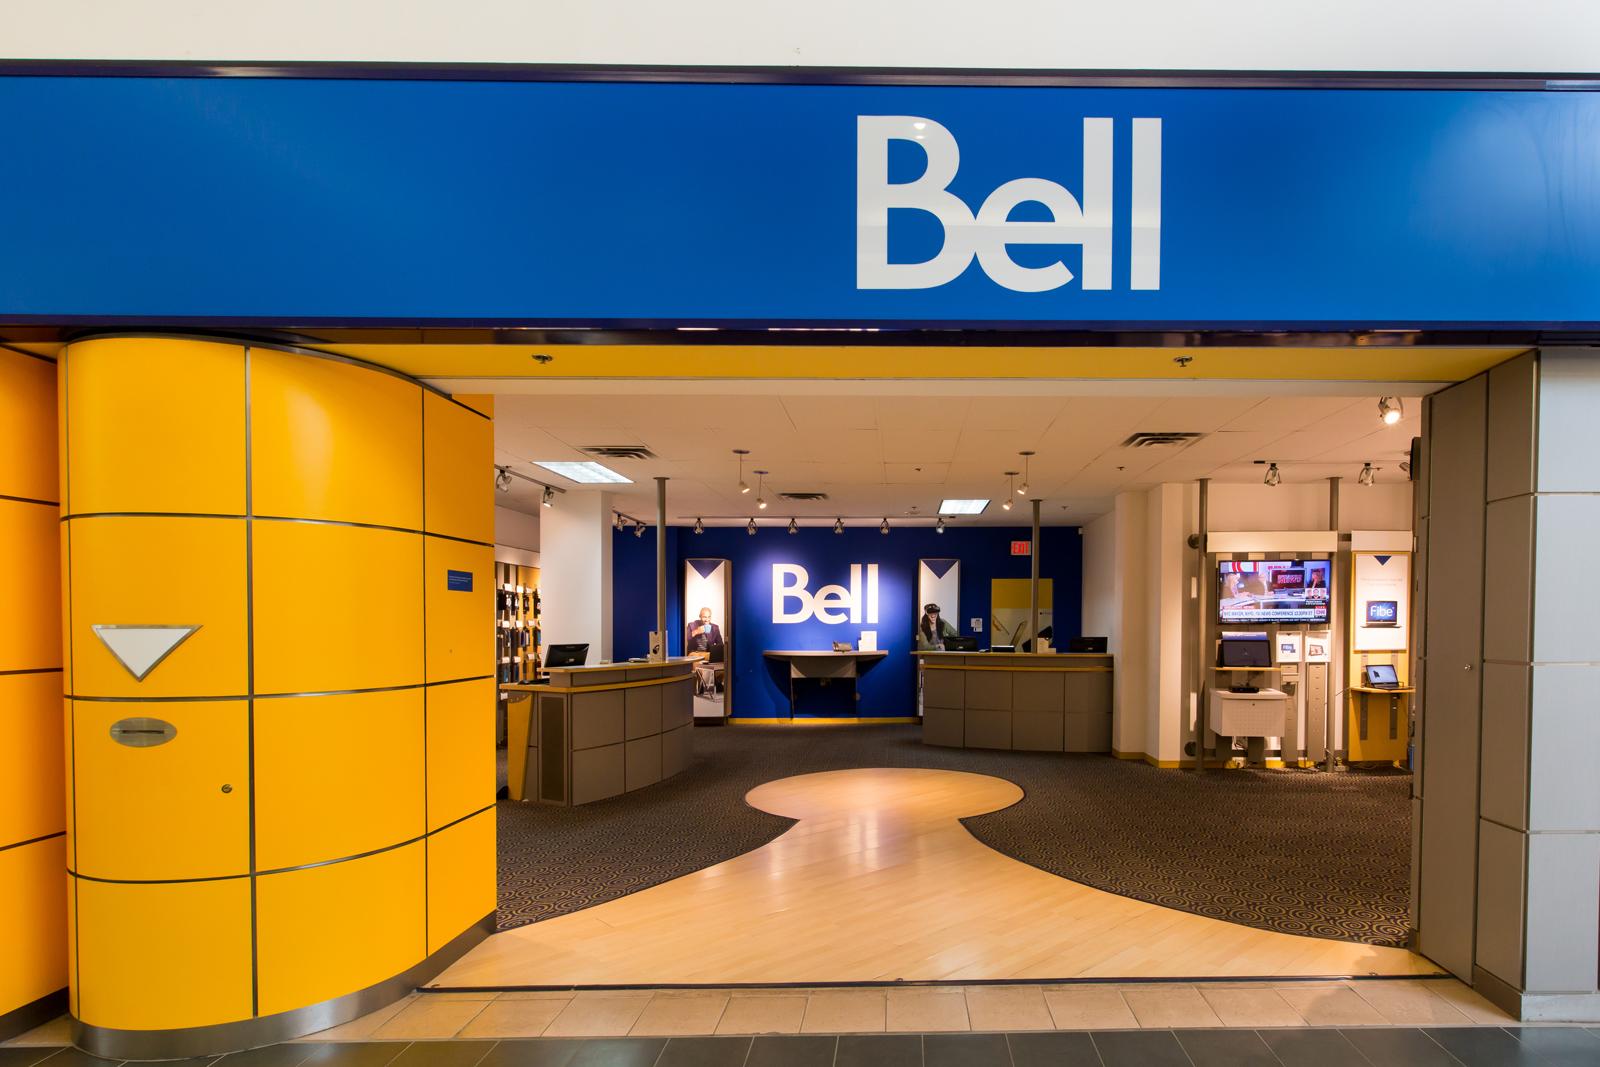 Bell World